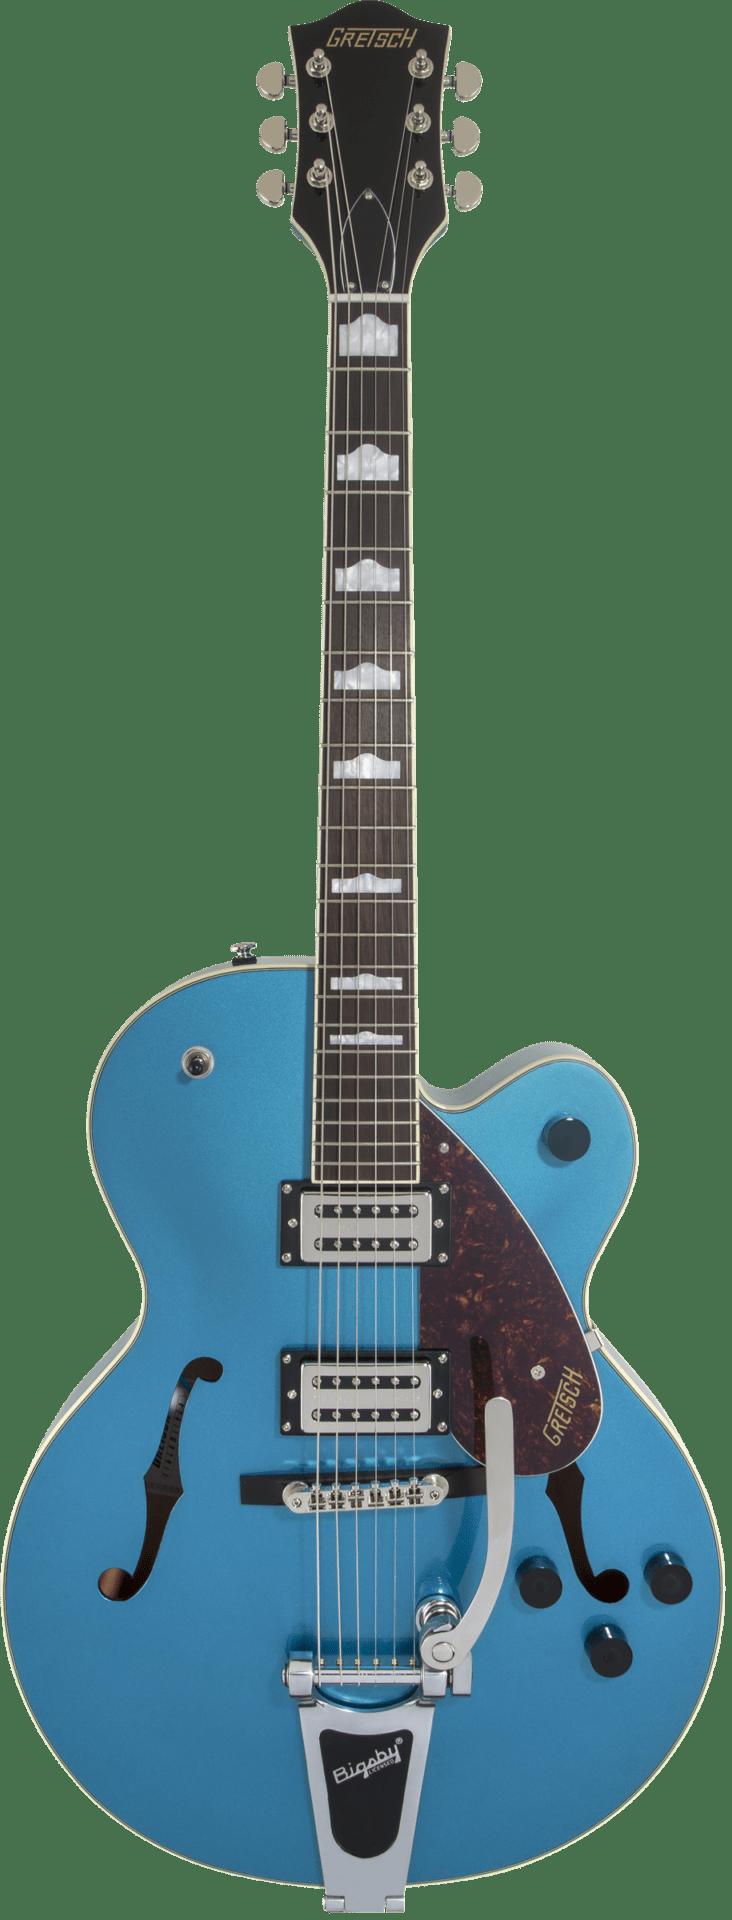 GRETSCH G2420T RIVIERA BLUE